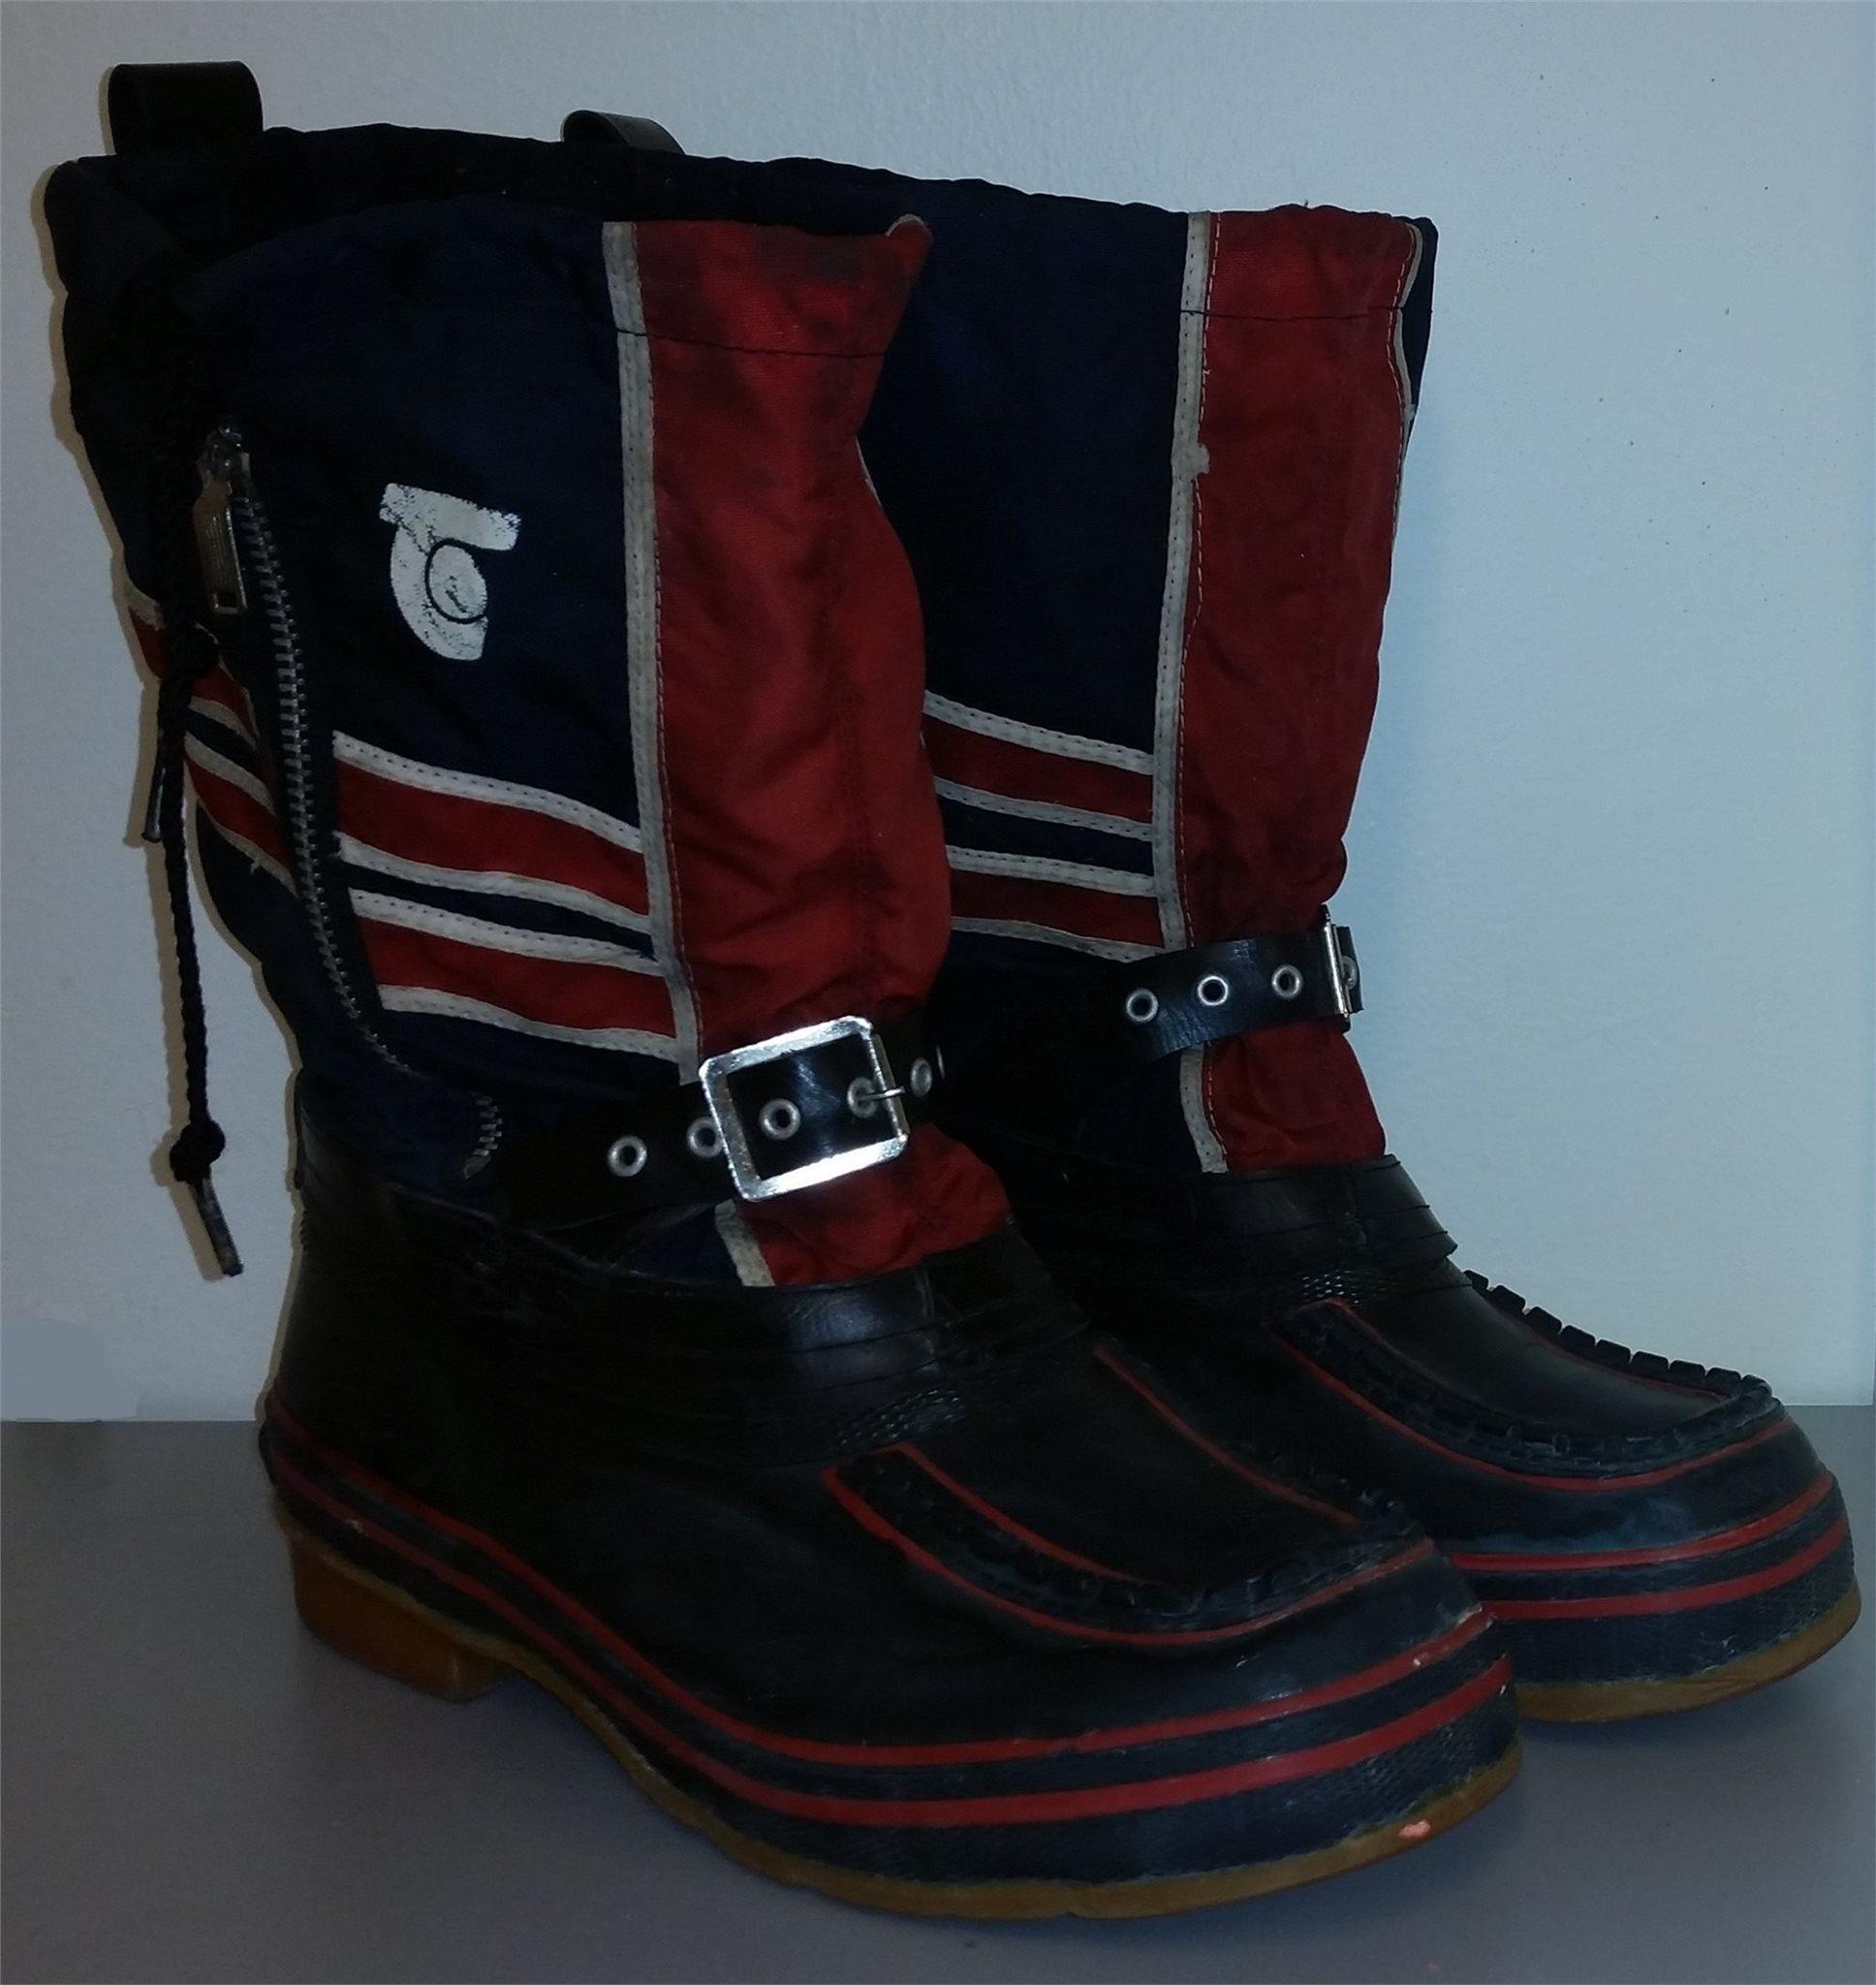 kängor och boots